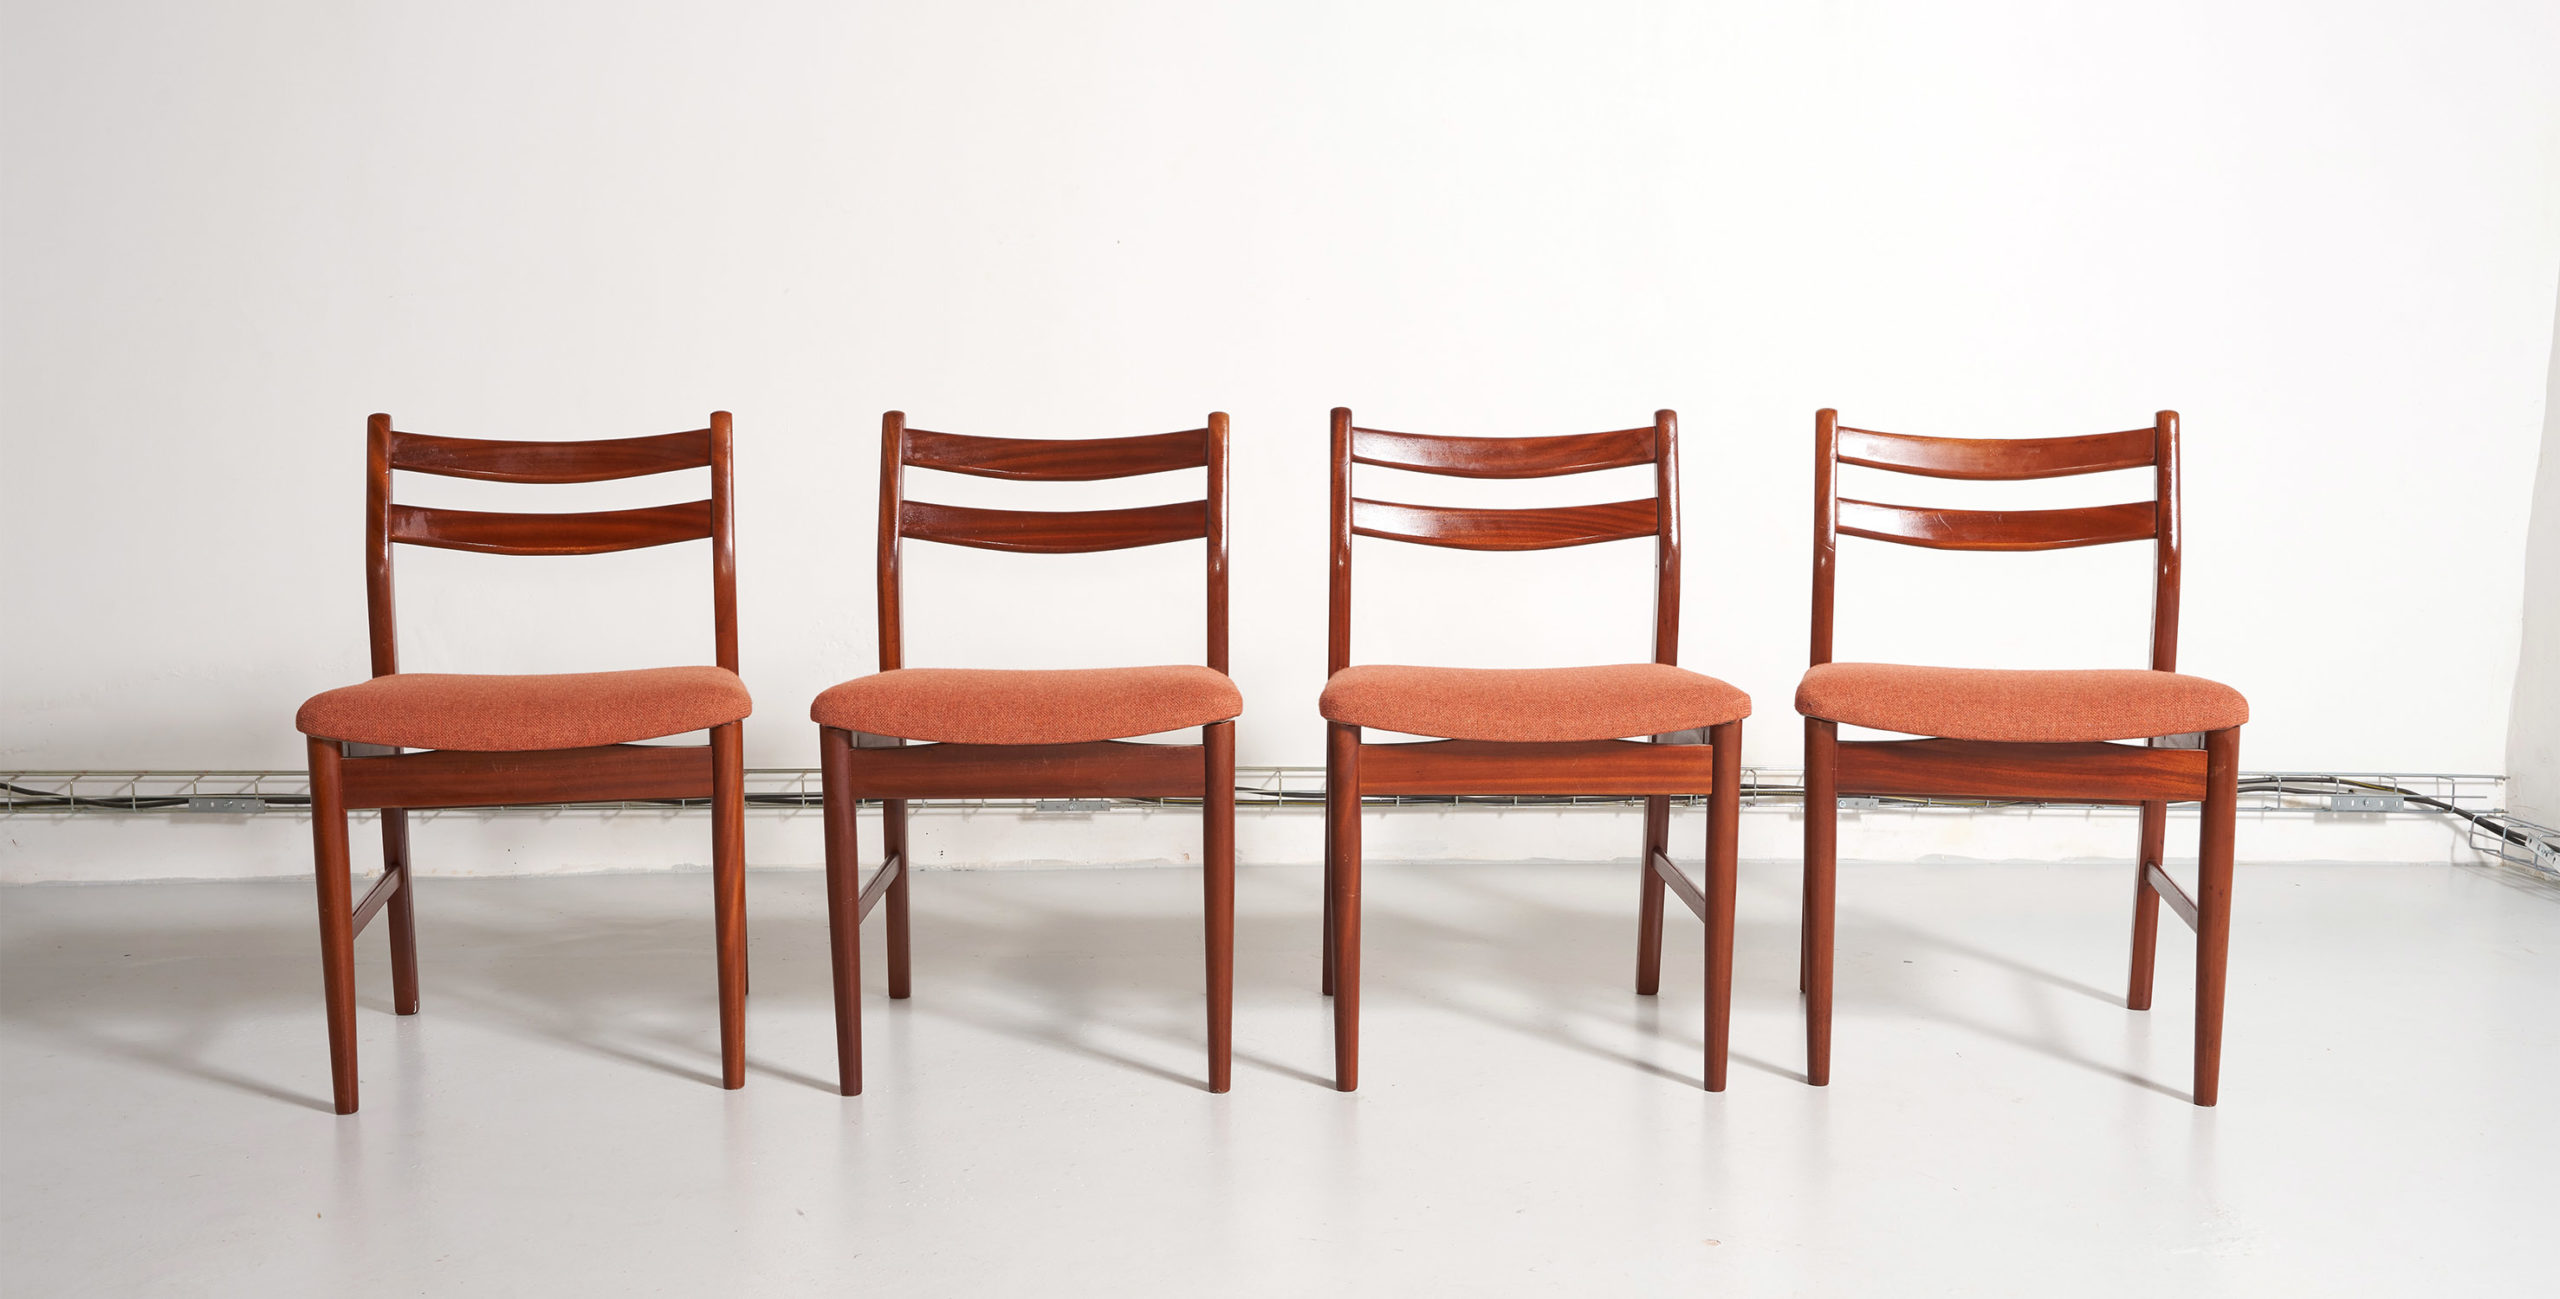 4 chaises vintage, 4 chaises teck, 4 chaises scandinaves, chaises scandinaves, chaises danoises, chaises scandinaves vintage, chaises en teck, chaises vintage